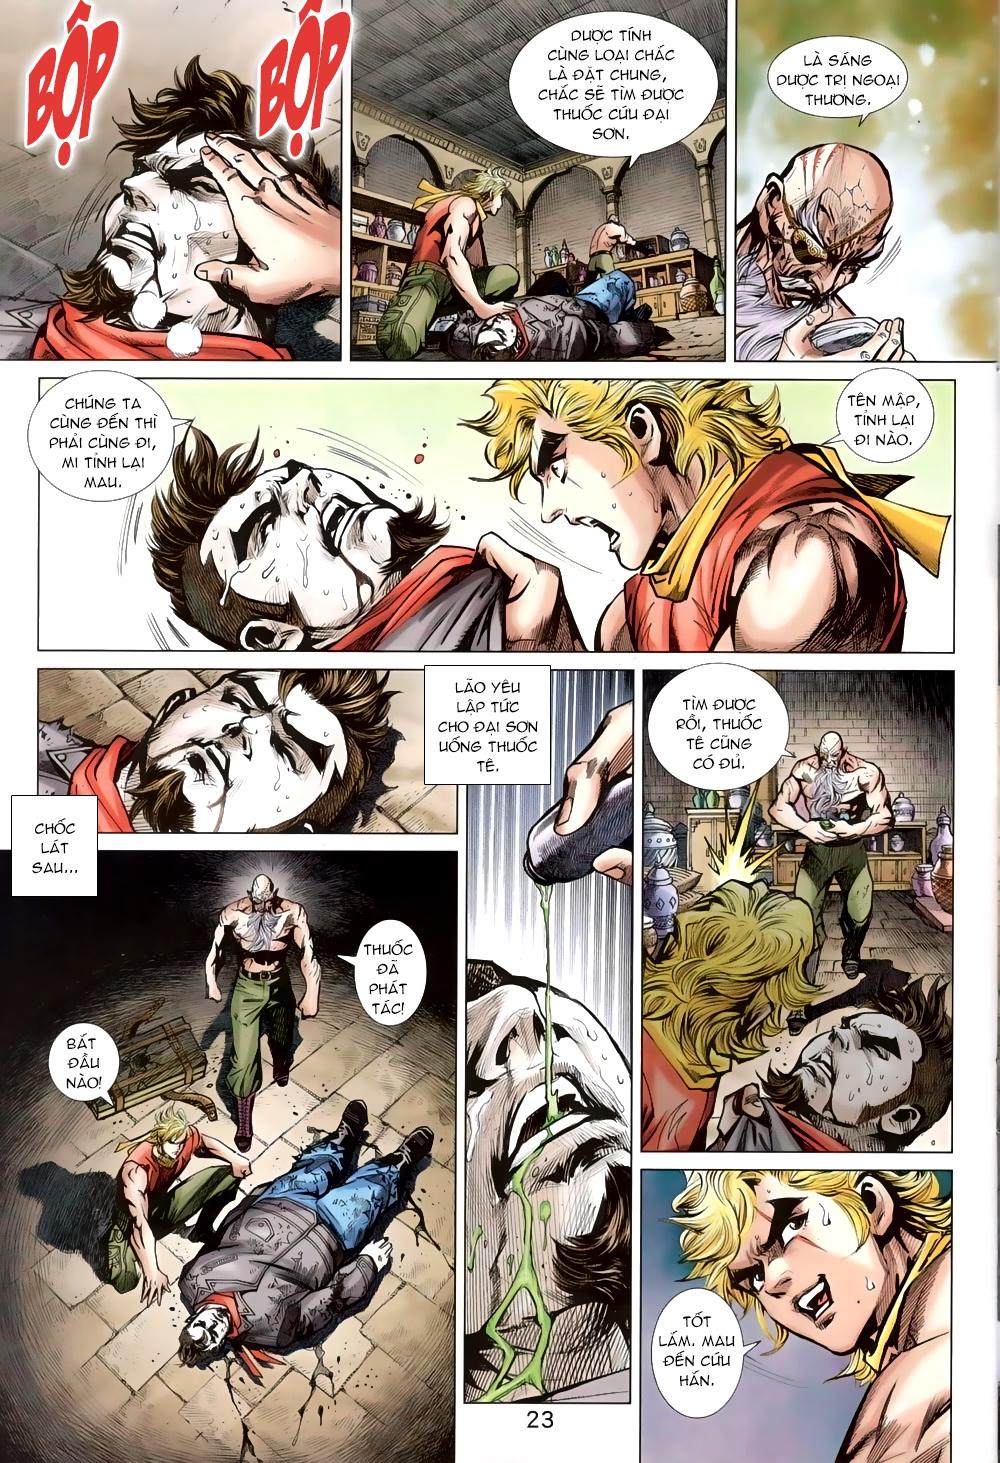 Tân Tác Long Hổ Môn chap 820 Trang 22 - Mangak.info